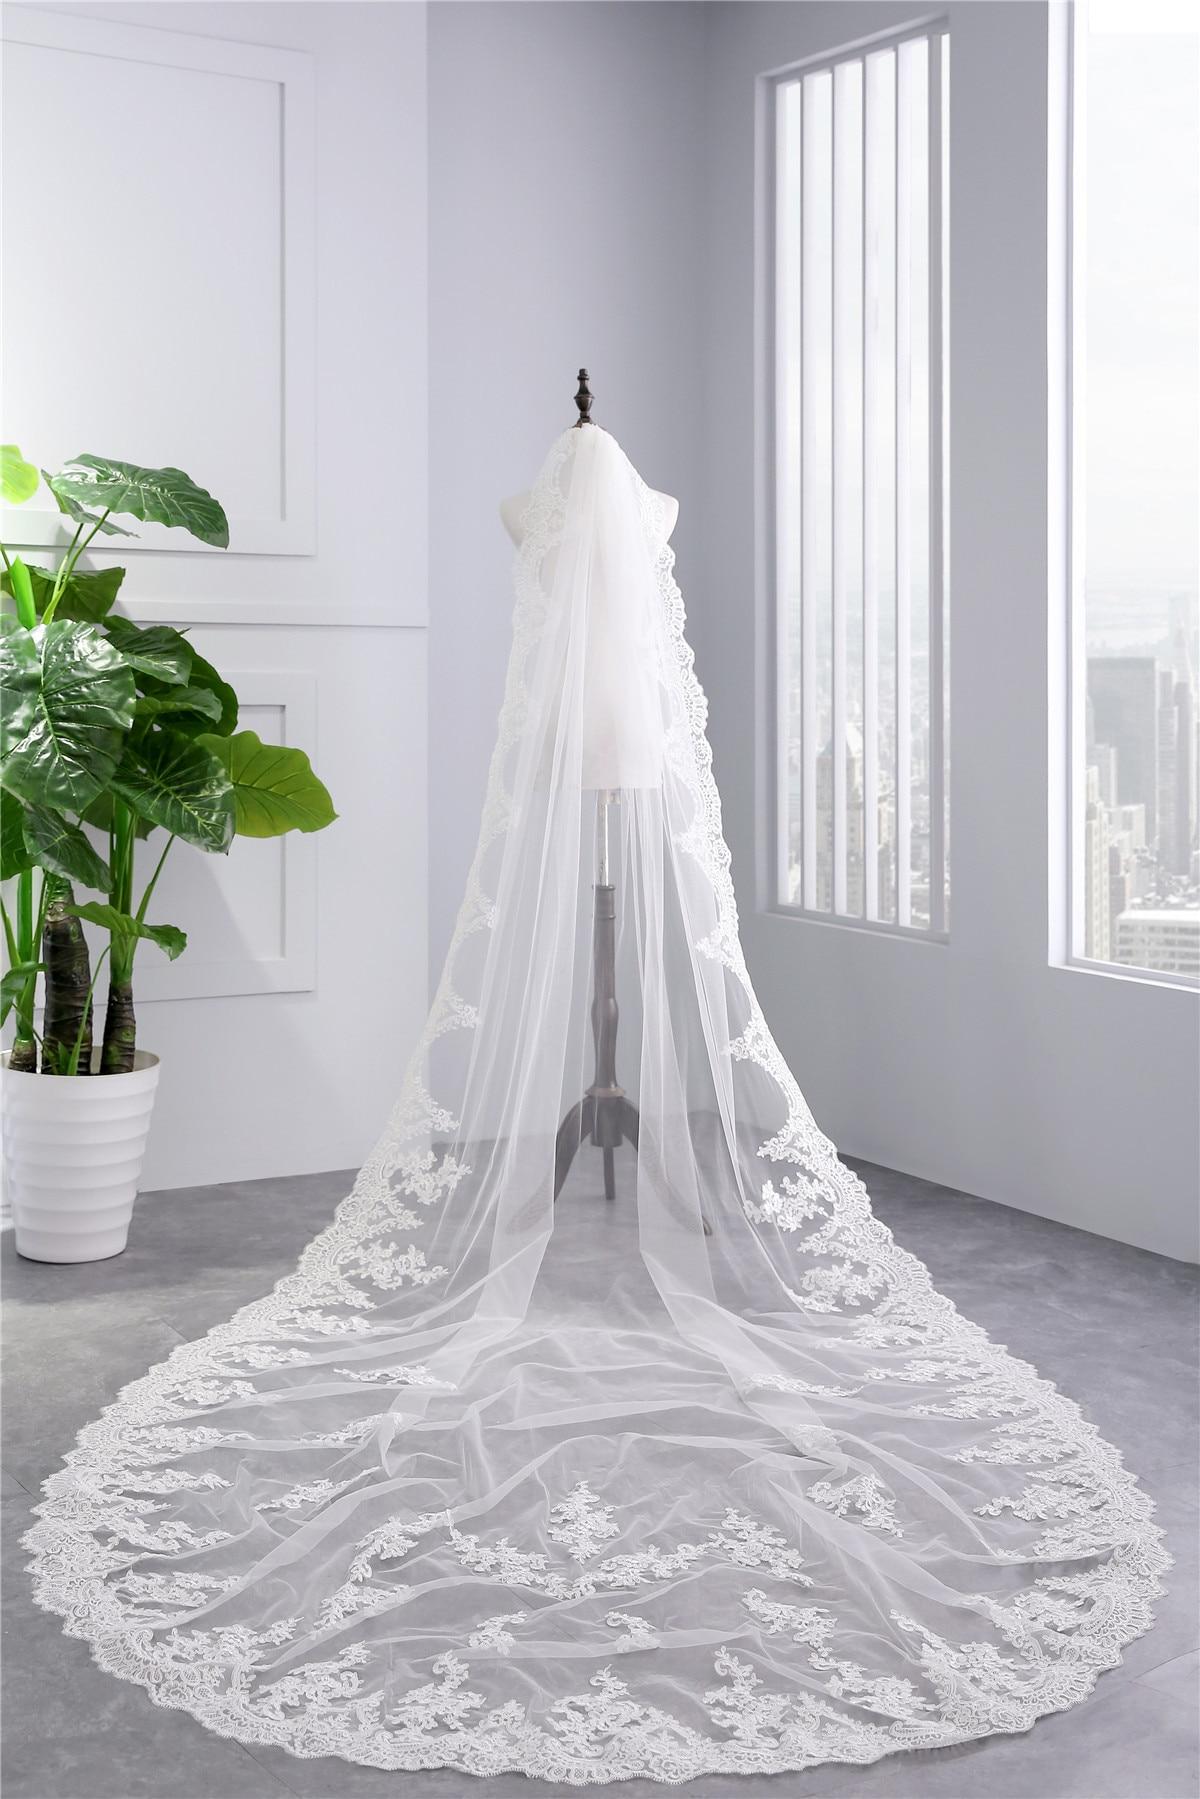 3 M voile de mariage cathédrale une couche dentelle appliqué longs voiles de mariée avec peigne femme marier cadeaux 2018 nouveaux accessoires chauds